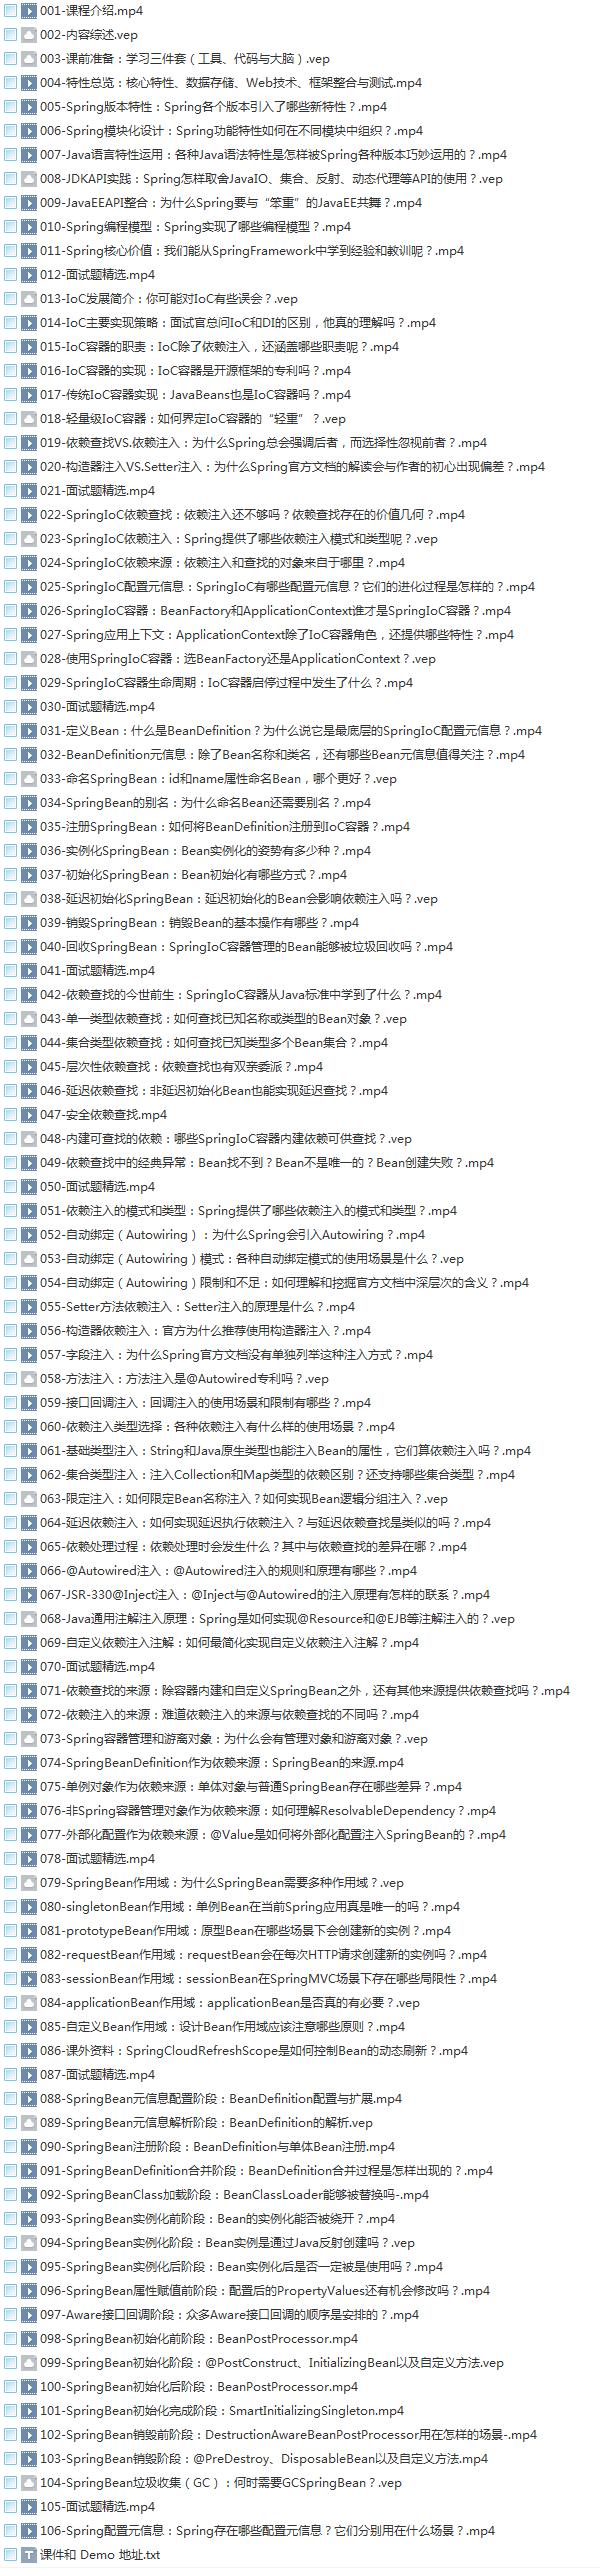 33套Java基础到大牛高薪视频教程,零到架构,Java精讲,框架精讲,高薪进阶,高效编程,全栈Java调优,网络编程,权限框架,微服务,多线程,支付项目实战,OA工作流,日志框架,大厂面试,大型项目实战系列教程插图(30)